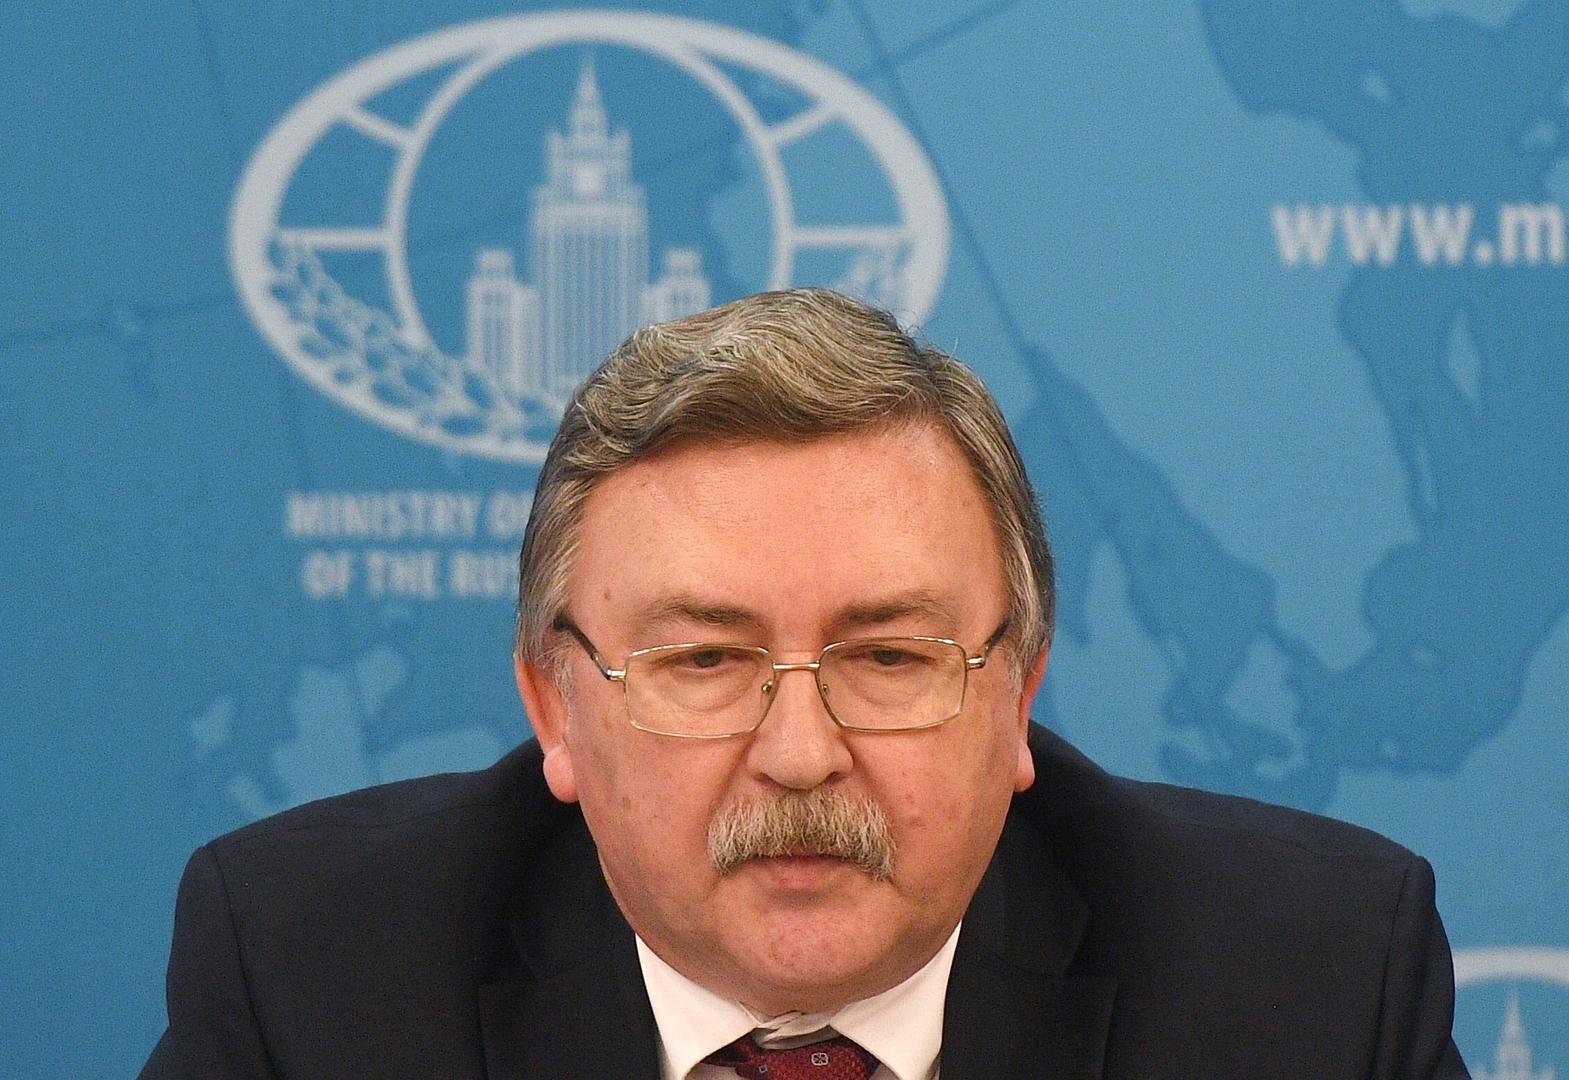 روسيا تدعو الوكالة الدولية للطاقة الذرية إلى عدم تسييس قضايا متعلقة بالاتفاق النووي مع إيران